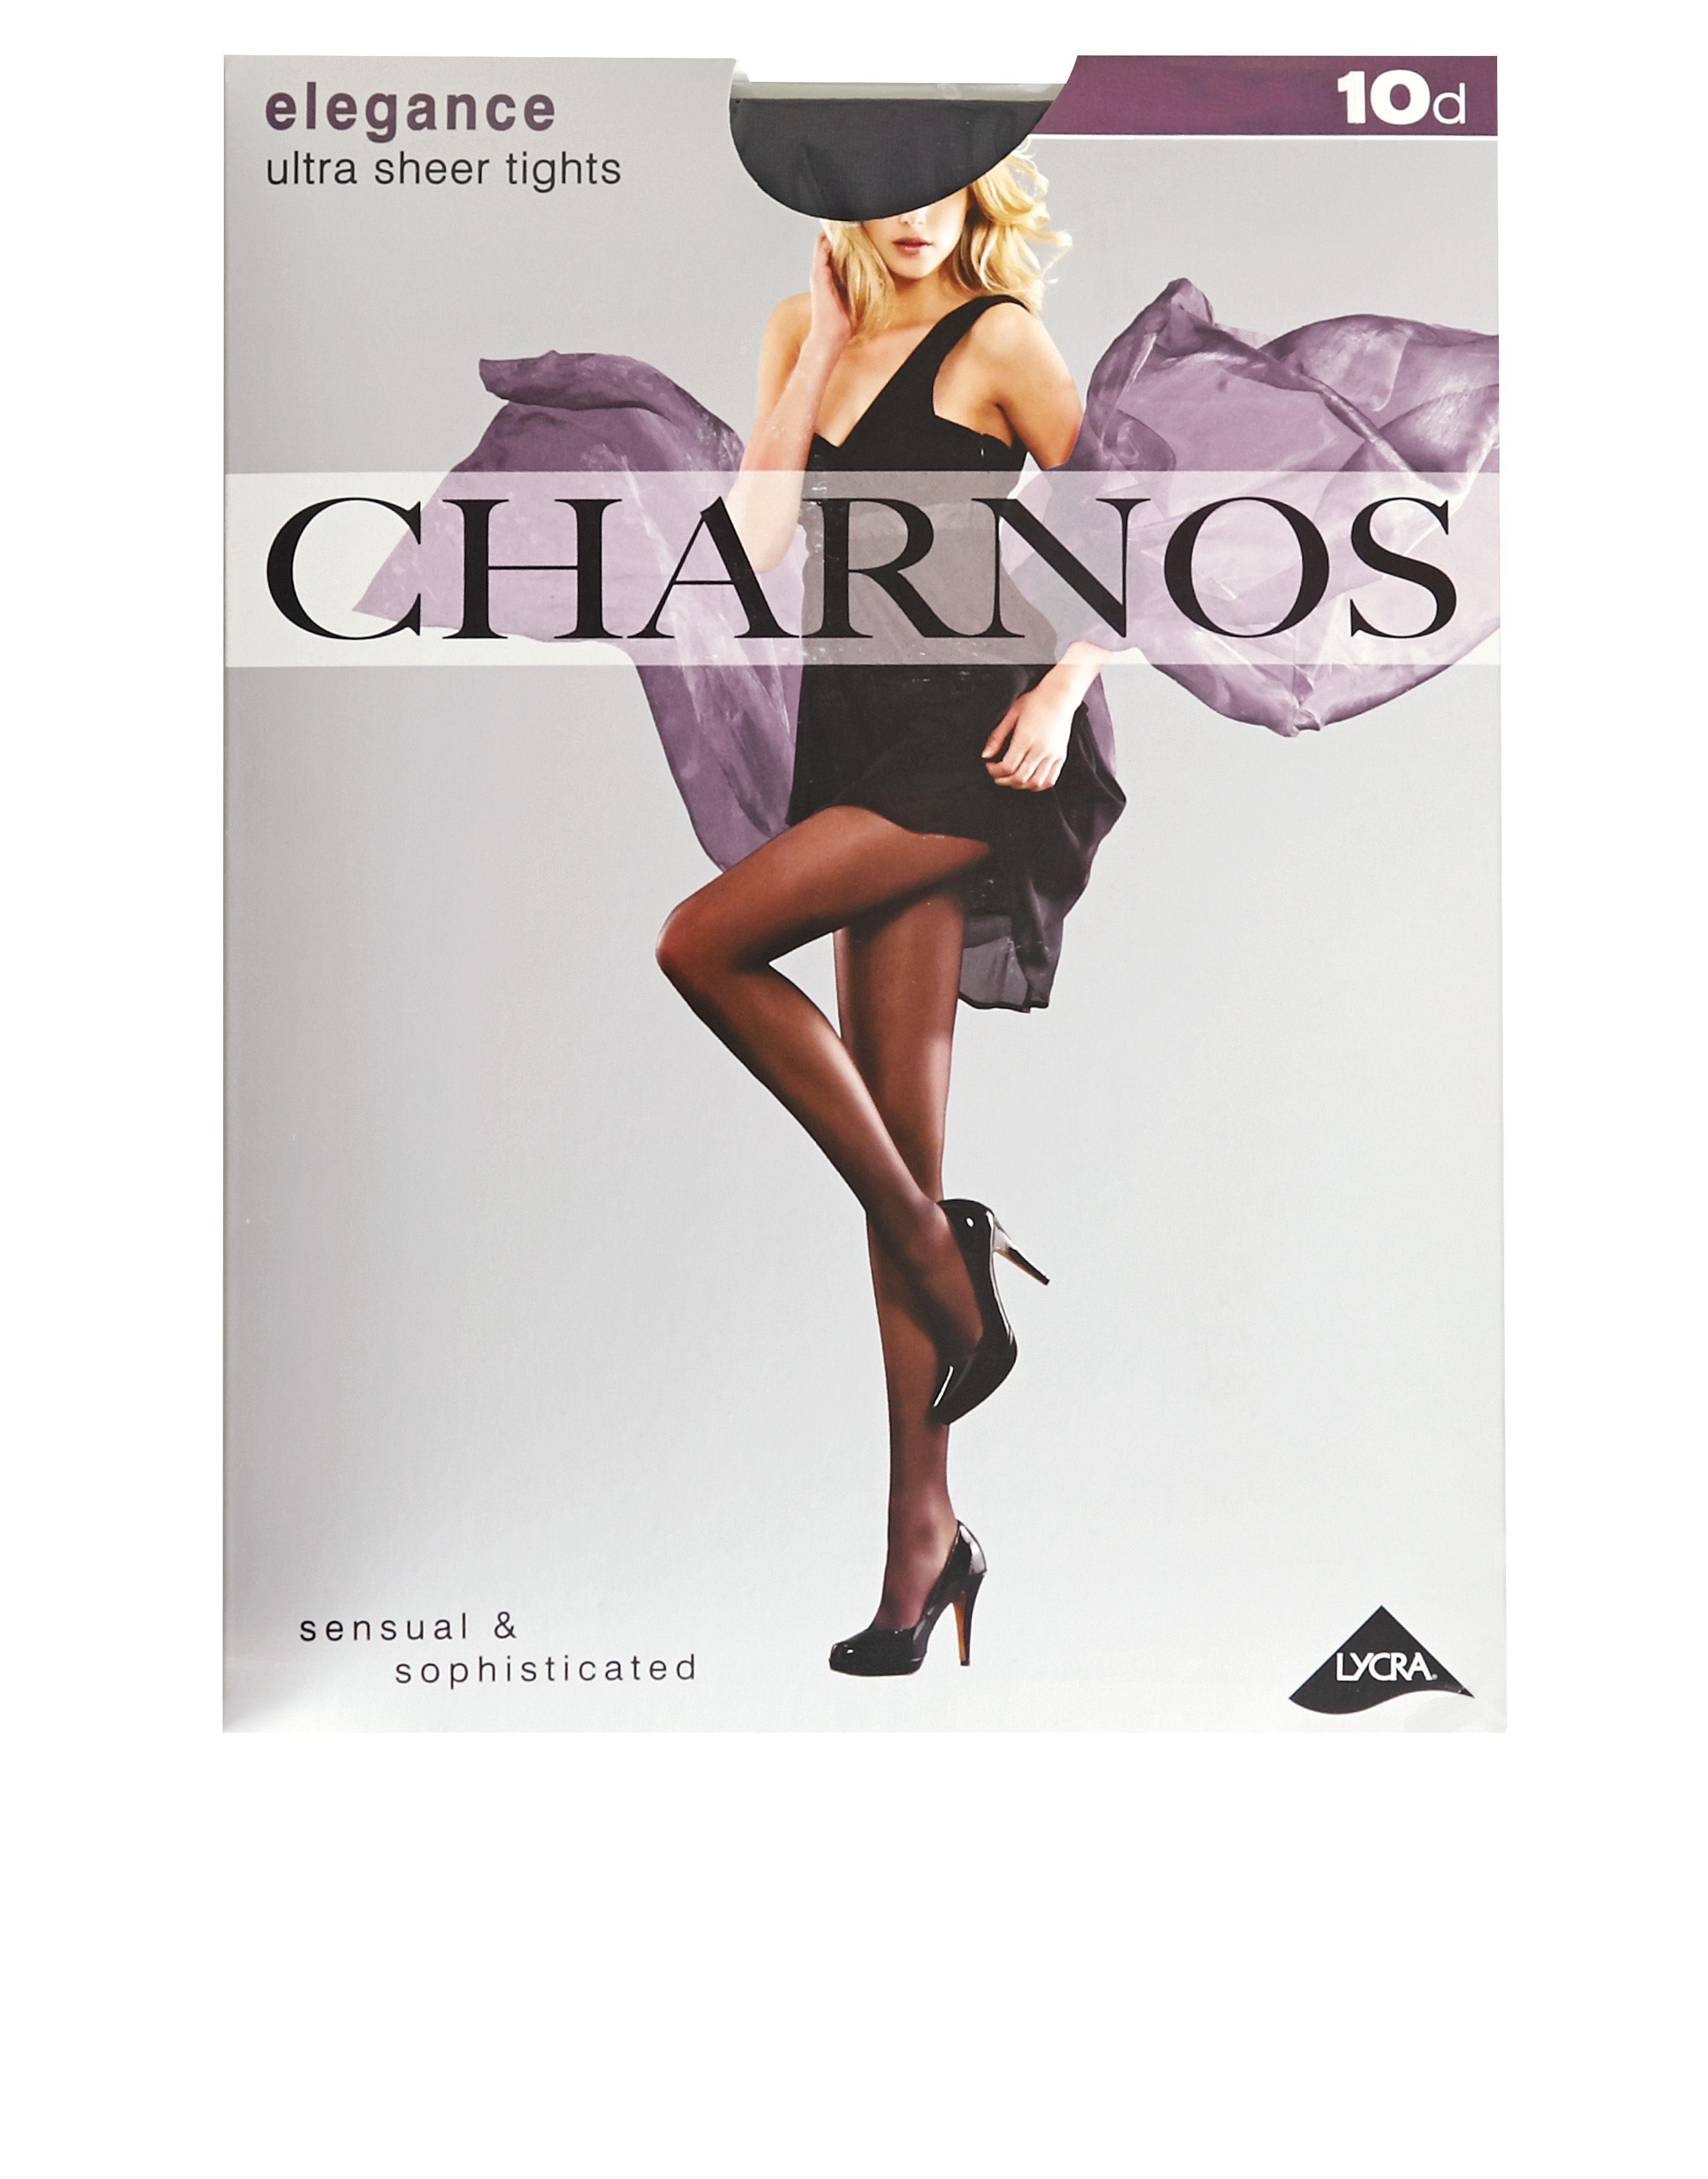 7f746dbcc50 Charnos 10 Denier Elegance Ultra Sheer Tights in Black - Lyst